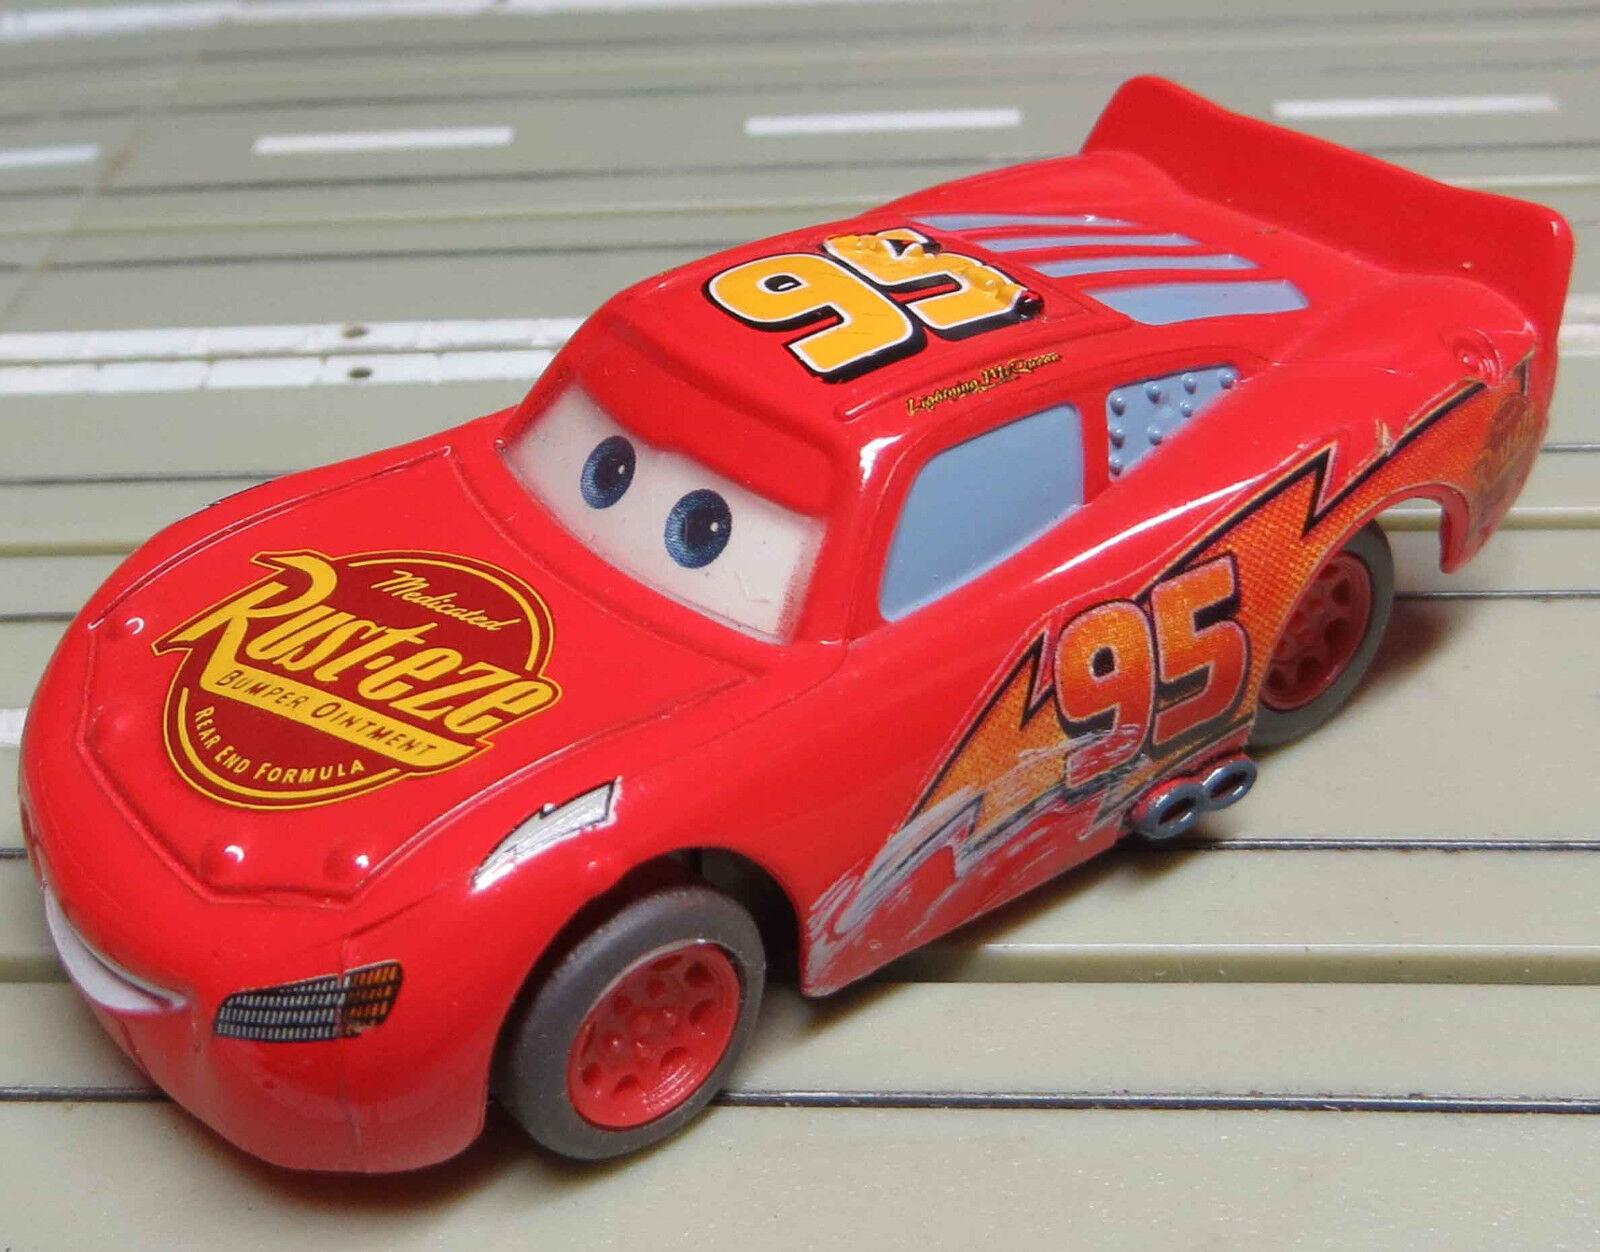 Für Für Für H0 Slotcar Racing Modellbahn -- Fun Car aus dem Film Cars mit Tomy Motor  | Die erste Reihe von umfassenden Spezifikationen für Kunden  d6cfe6